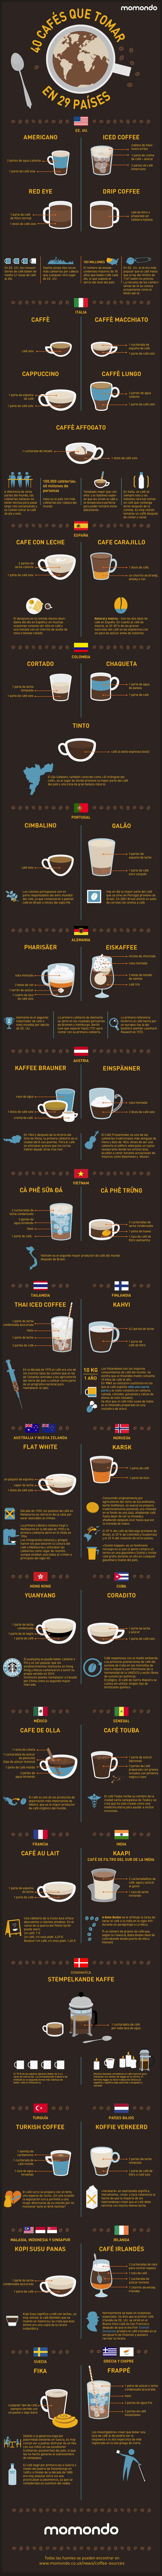 Cómo pedir café cuando vayas de viaje